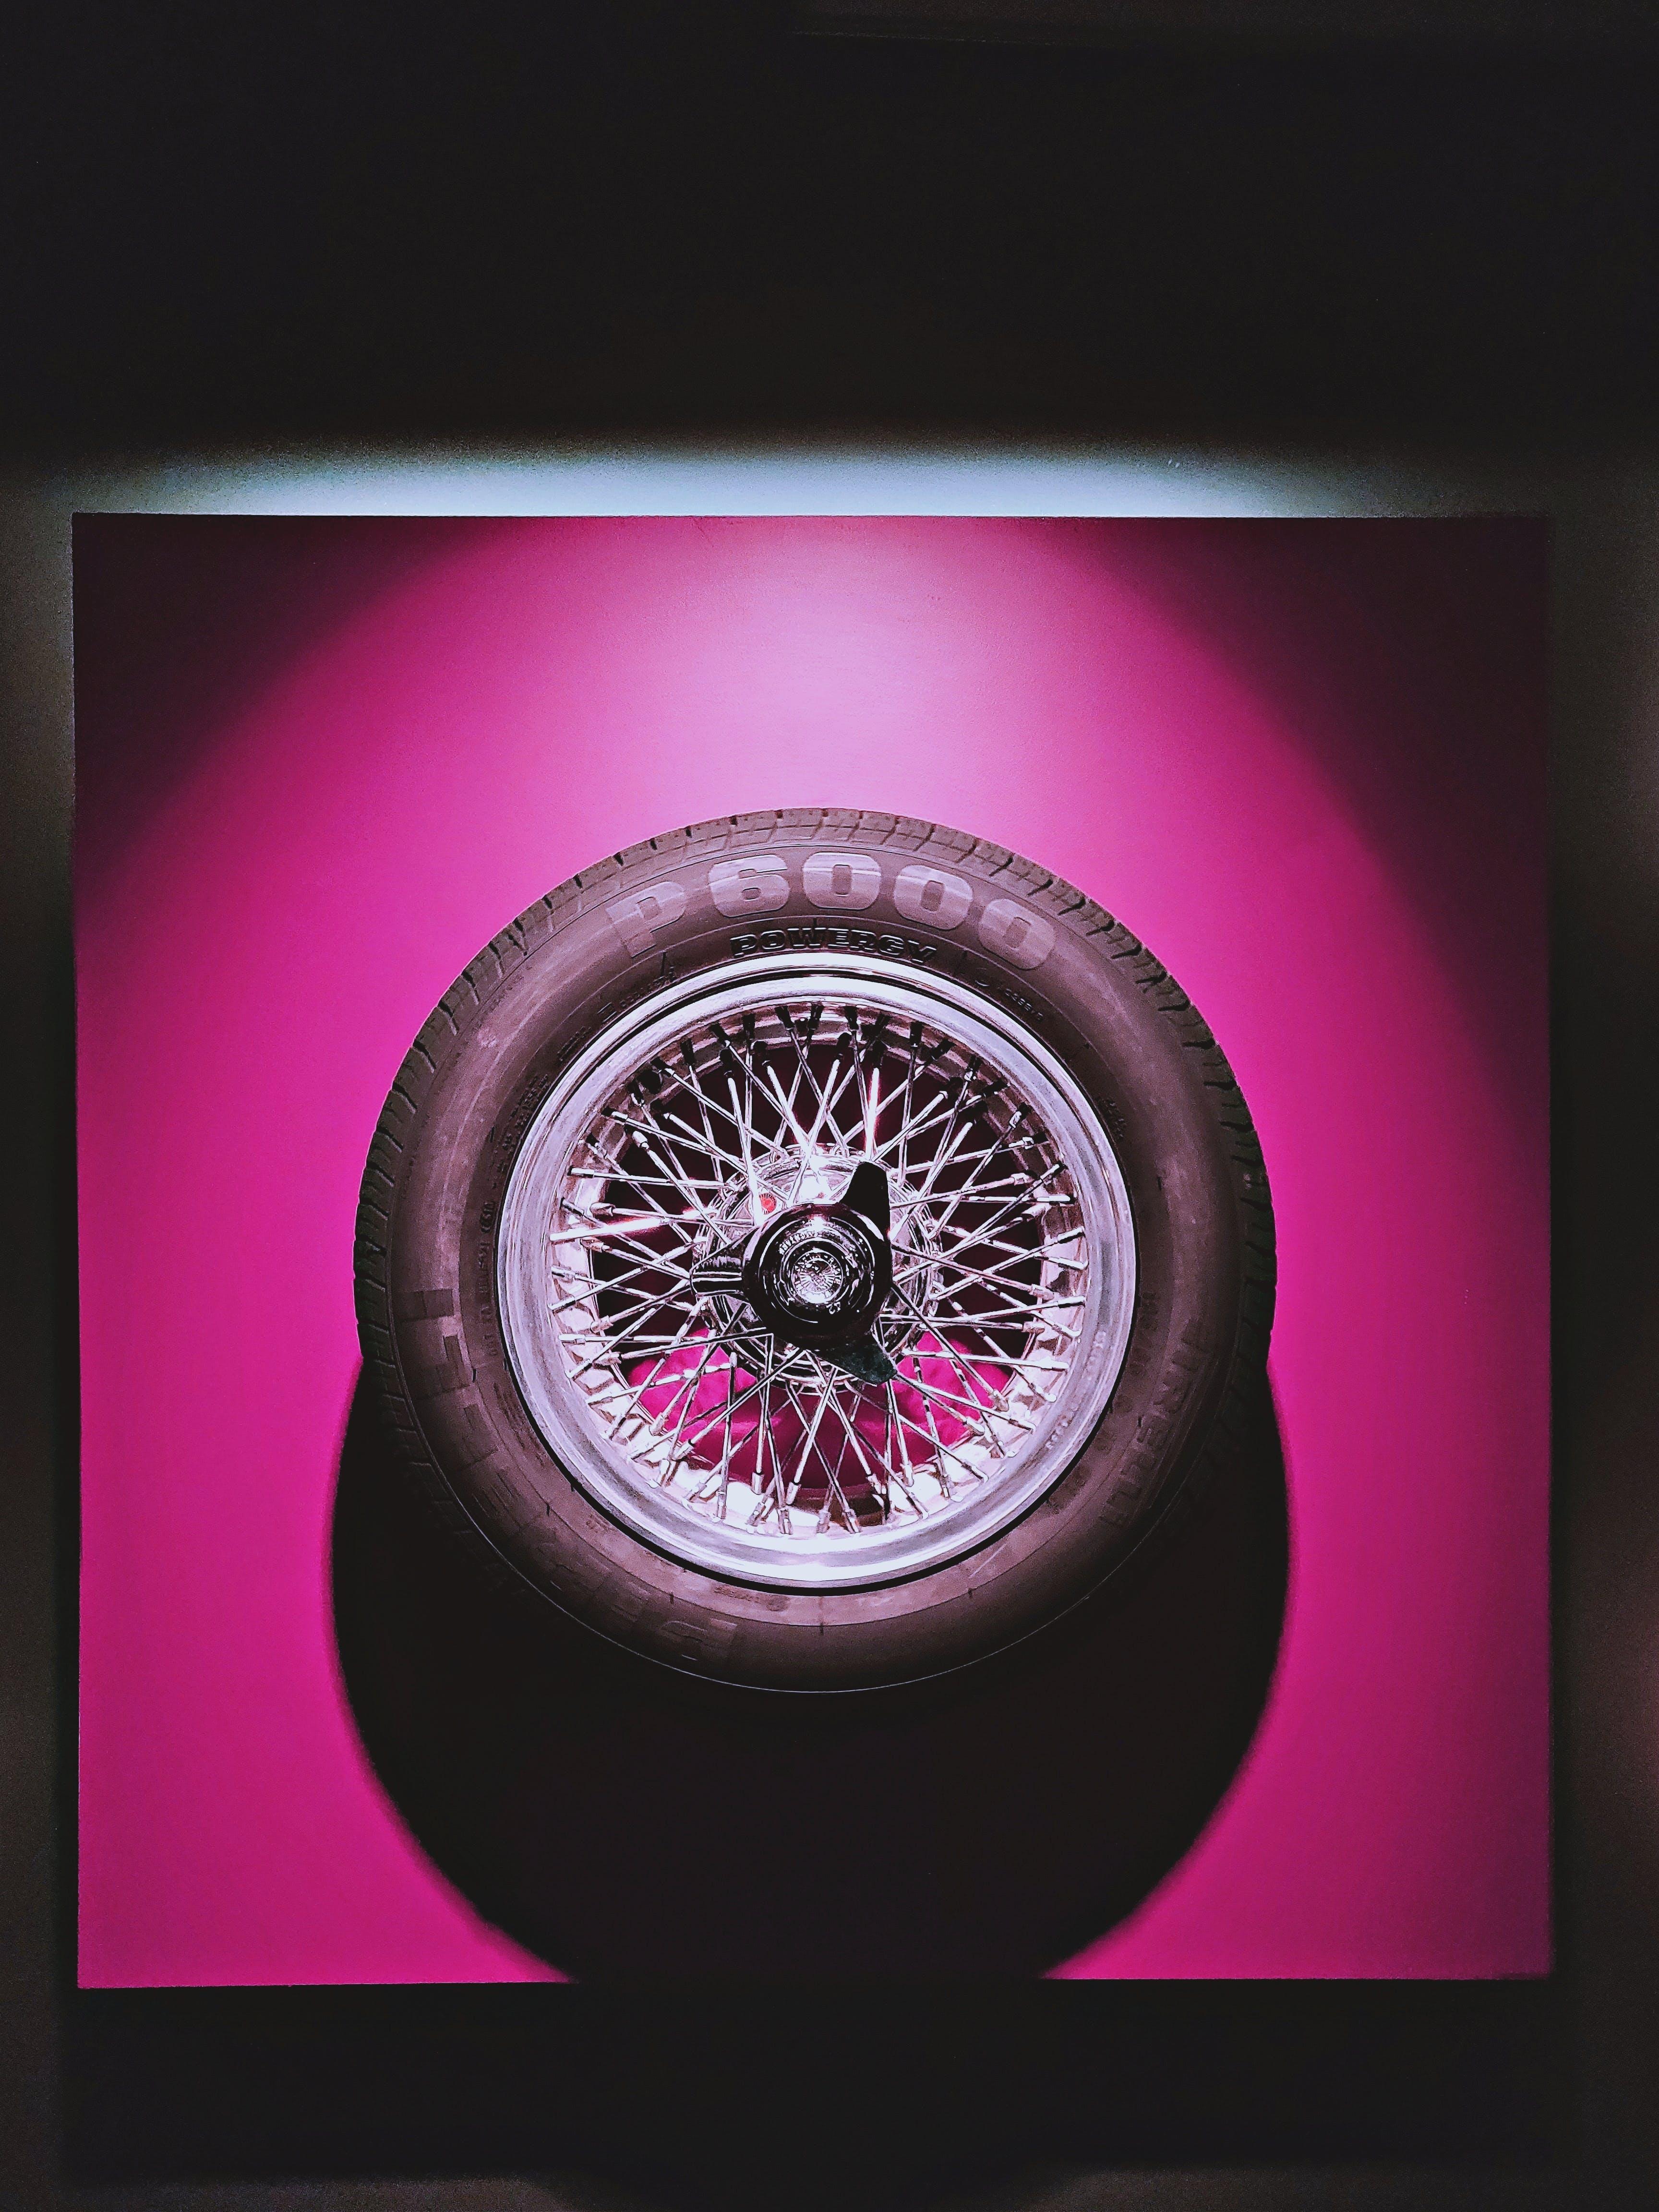 Kostenloses Stock Foto zu aufhängen, bildschirm, design, farbe